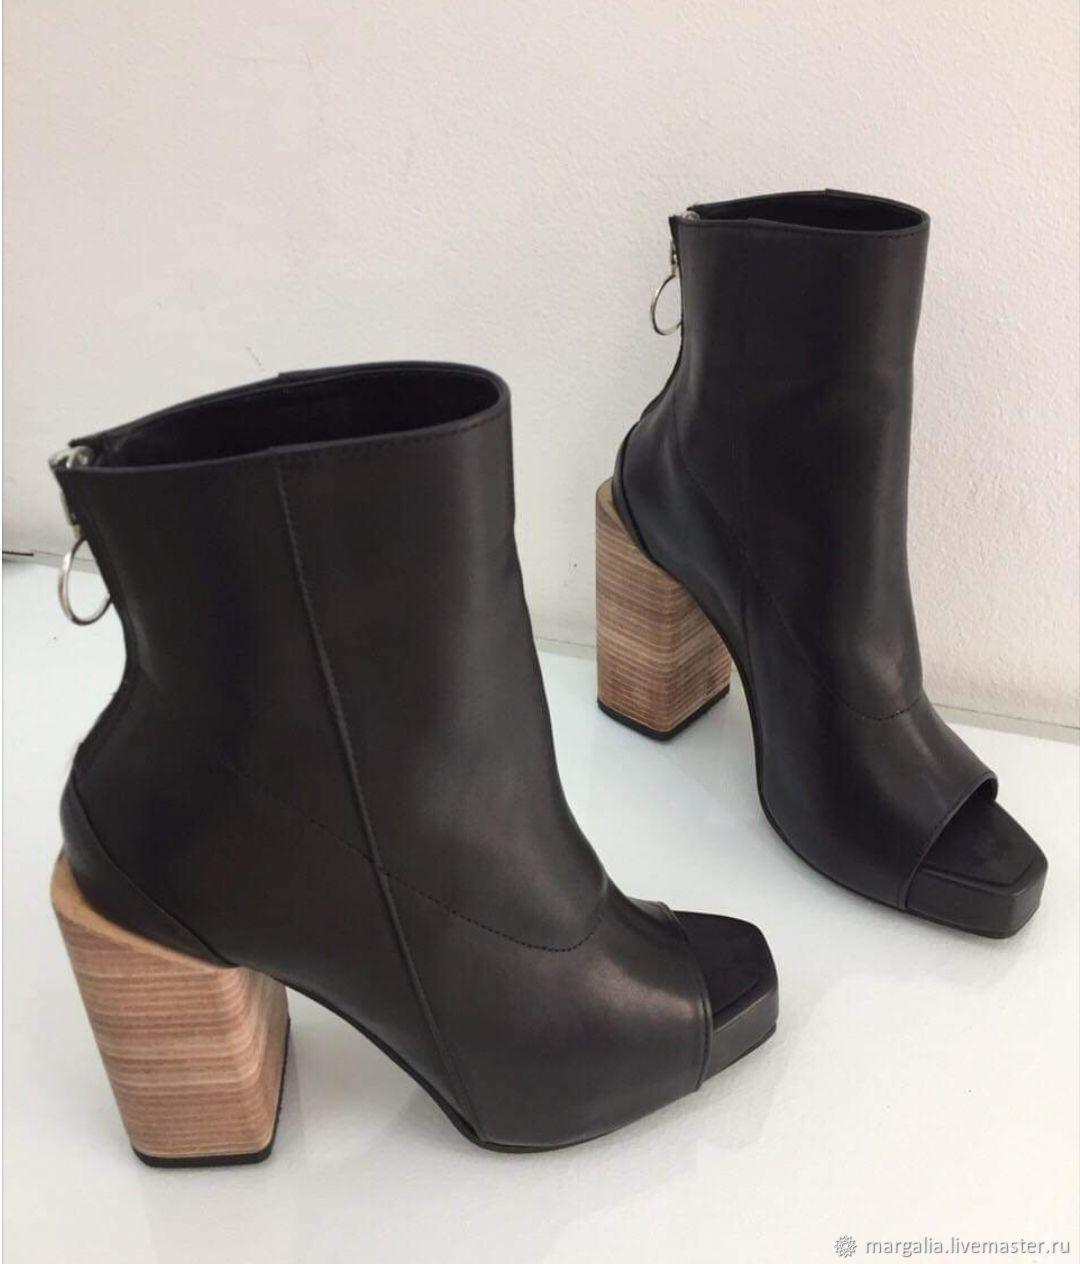 Обувь ручной работы. Ярмарка Мастеров - ручная работа. Купить Ботильоны на лето. Handmade. Ботильоны, обувь на заказ, ботильоны женские